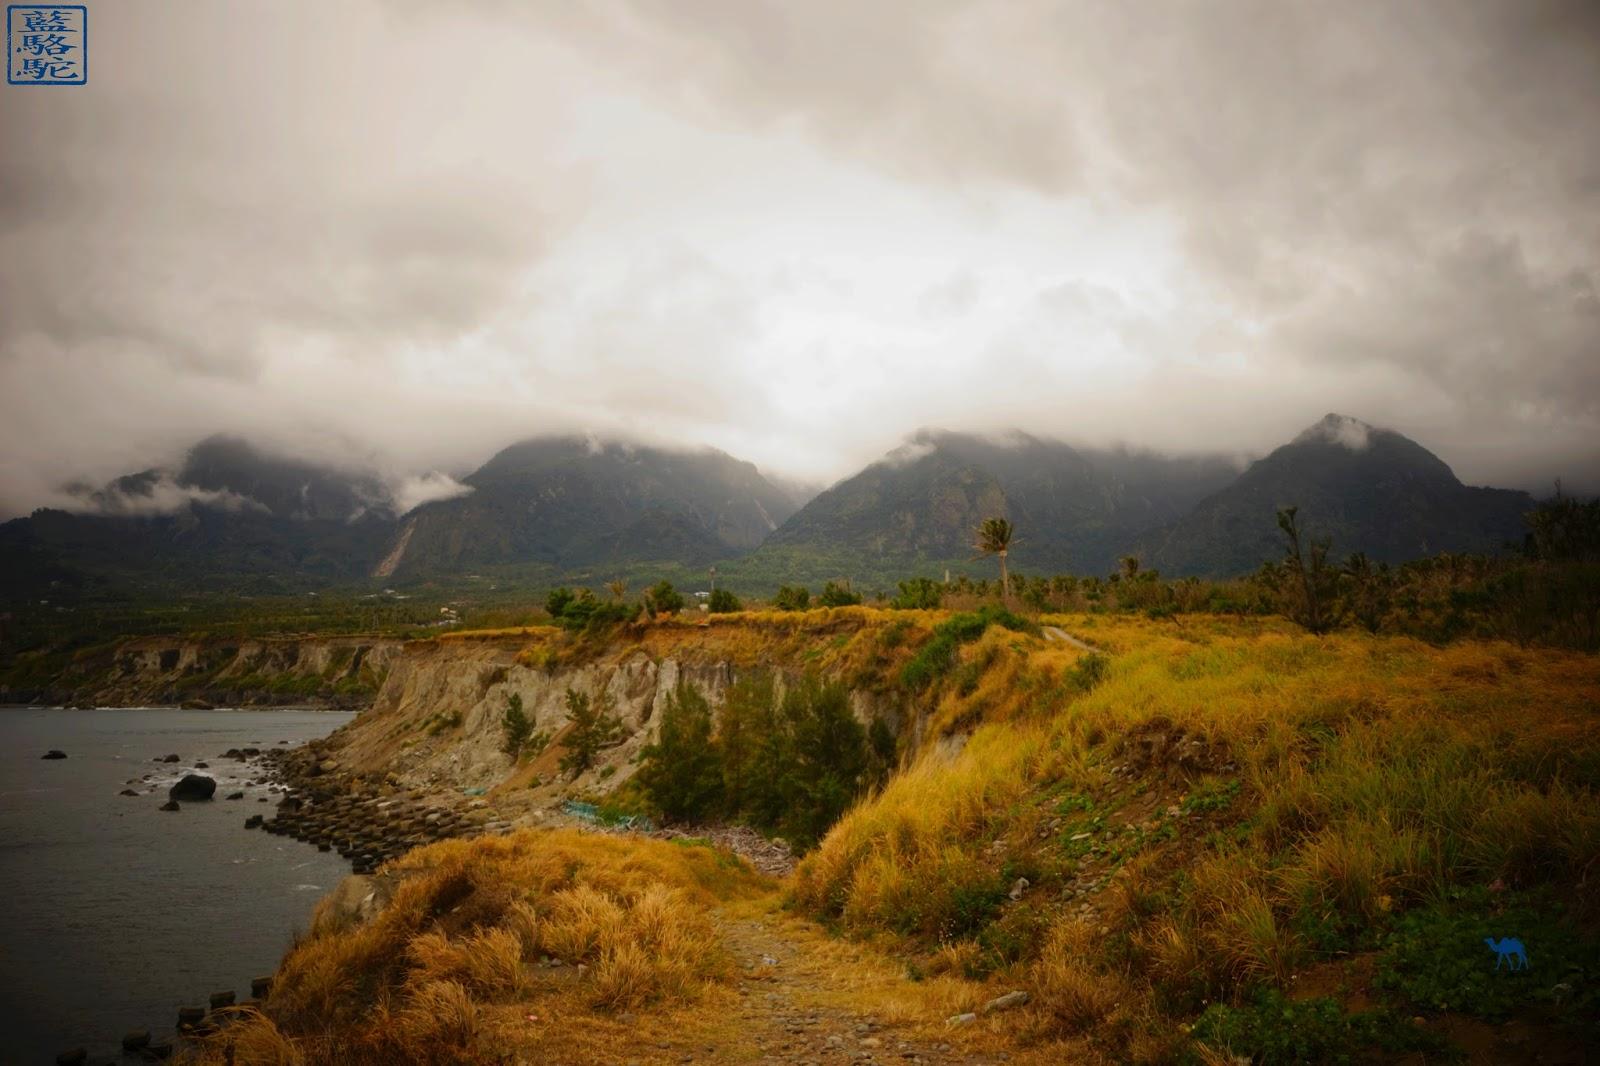 Le Chameau Bleu - Blog Voyage Taiwan - Du Lan- Voyage à Taiwan - Cote Est